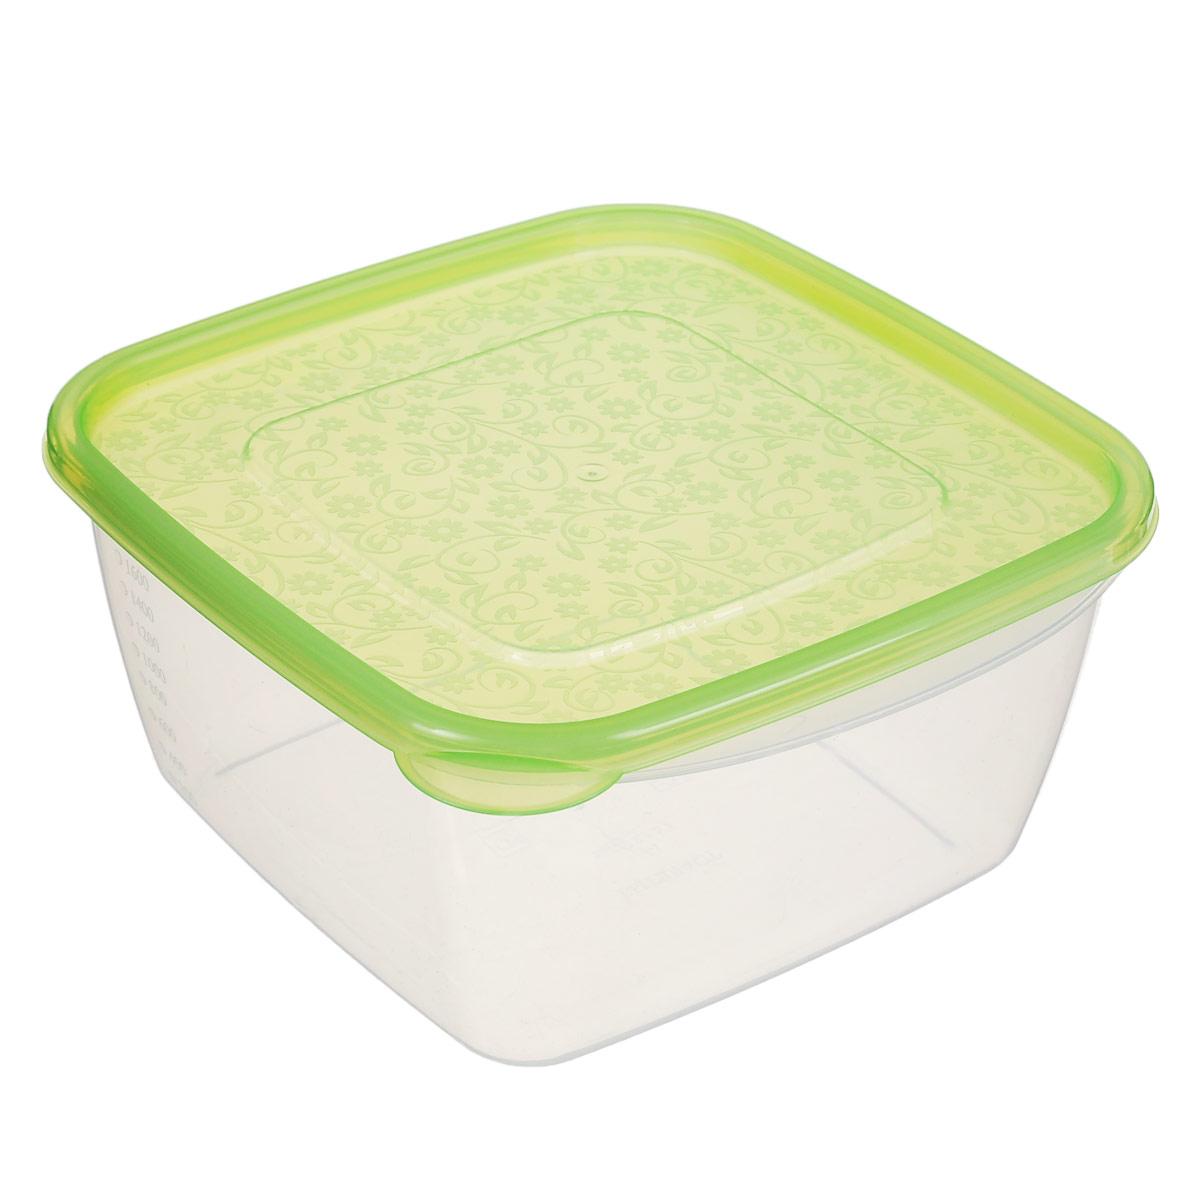 Контейнер Phibo Арт-Декор, цвет: салатовый, 2,1 лС11477Контейнер Phibo Арт-Декор изготовлен из высококачественного полипропилена и не содержит Бисфенол А. Крышка легко и плотно закрывается, украшена узором в виде цветков. Контейнер устойчив к воздействию масел и жиров, легко моется.Подходит для использования в микроволновых печах при температуре до +100°С, выдерживает хранение в морозильной камере при температуре -24°С, его можно мыть в посудомоечной машине при температуре до +95°С.